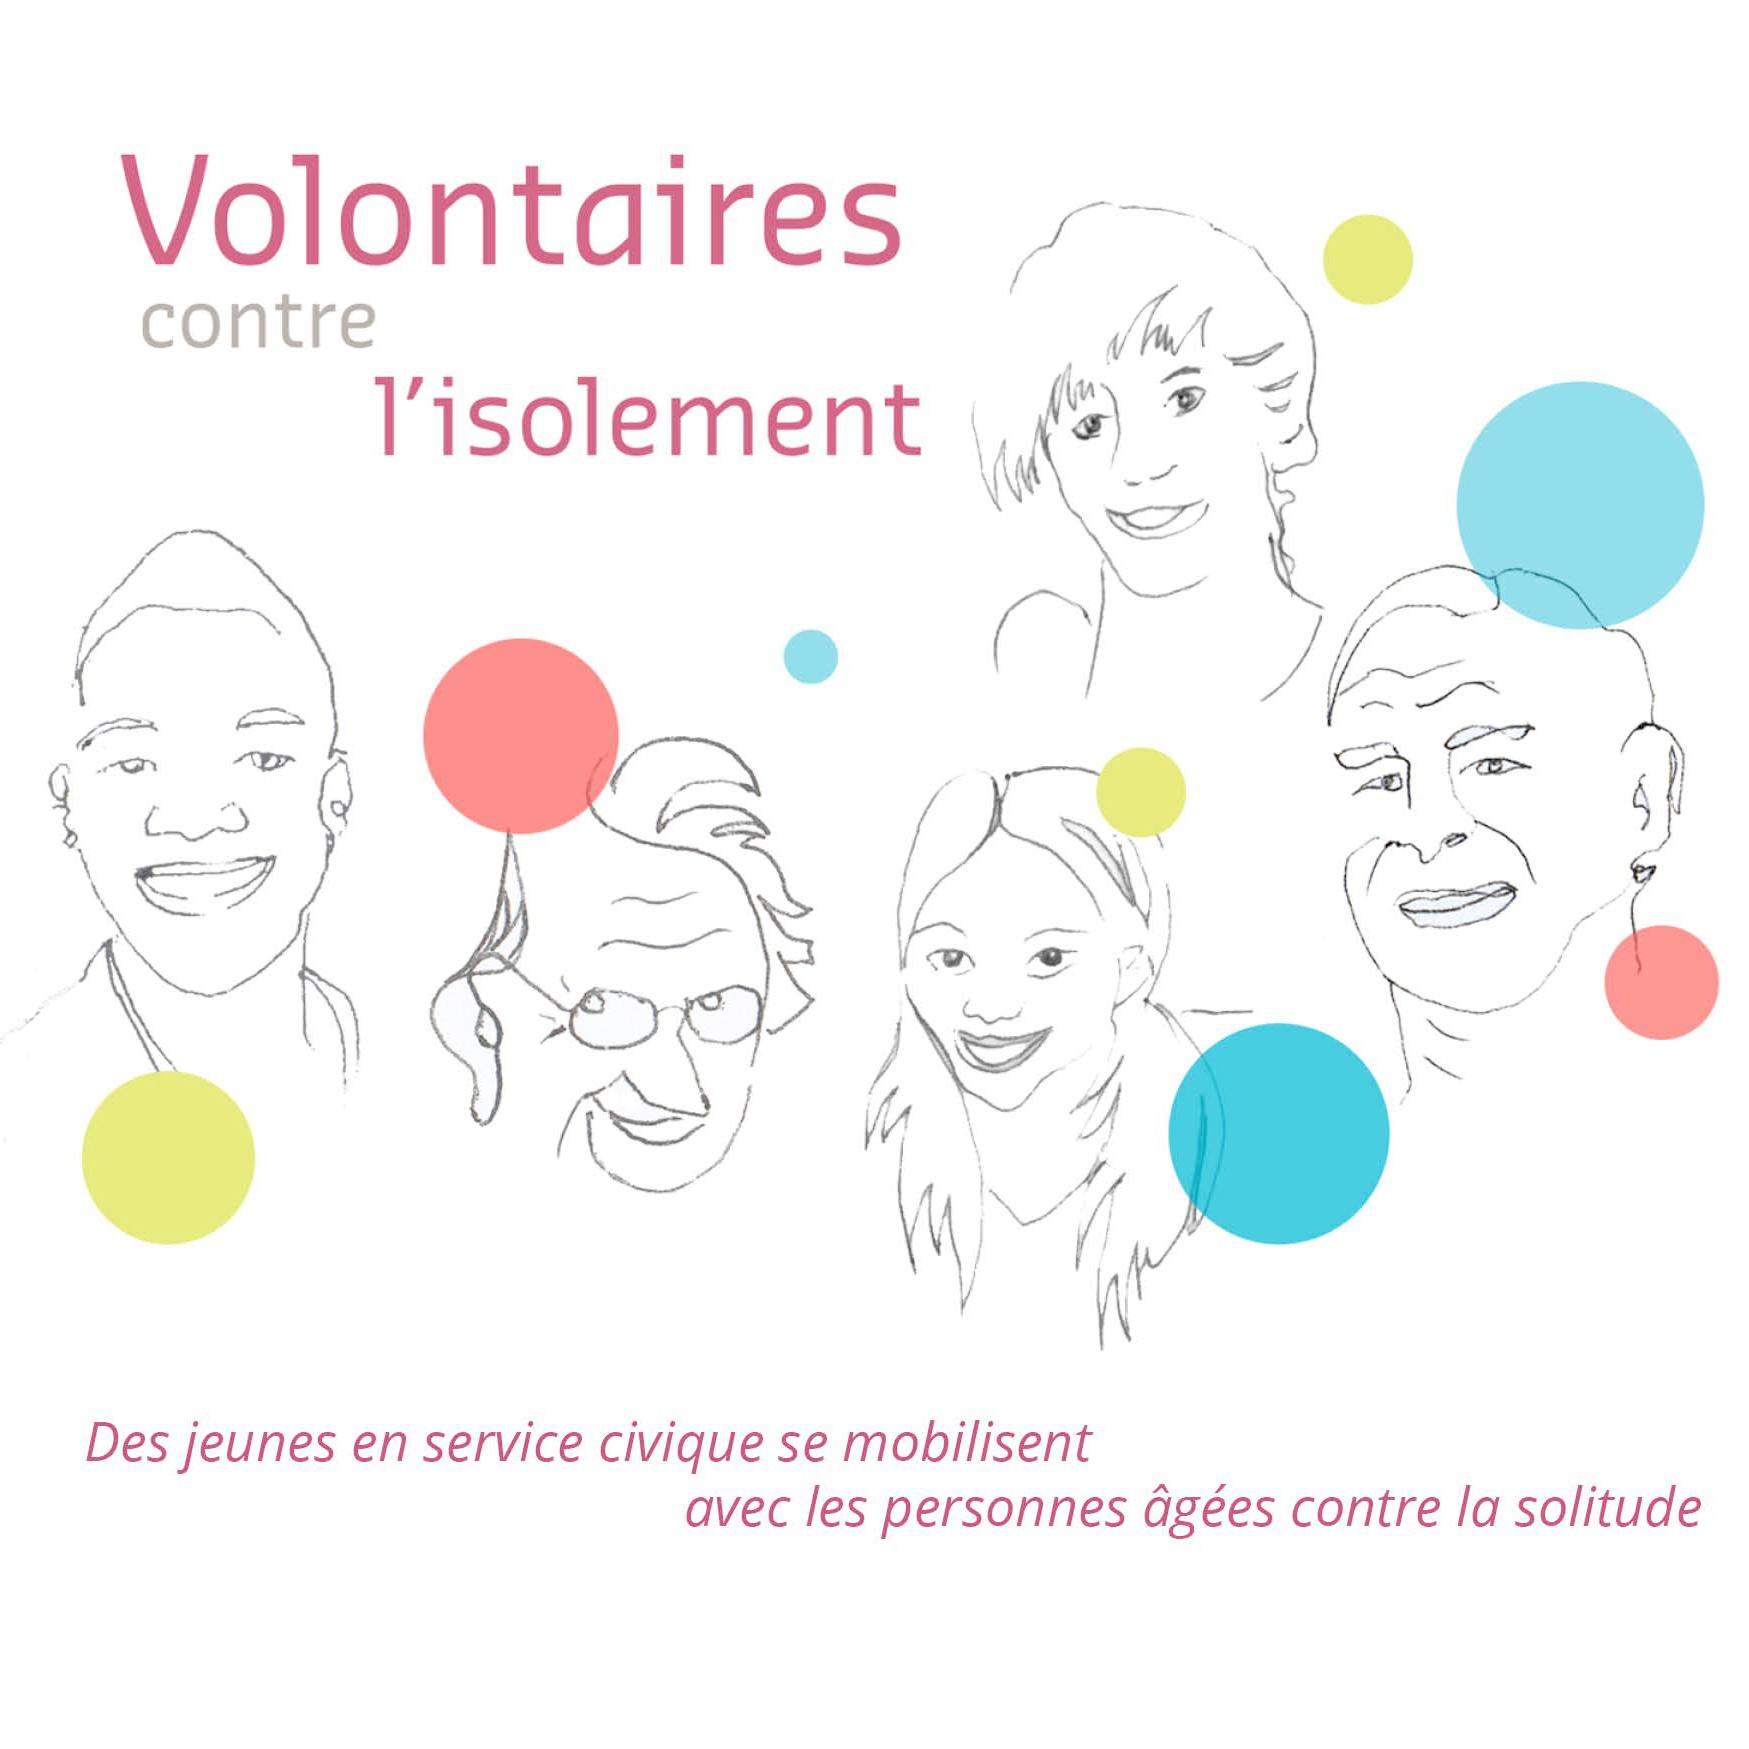 Bilan de l'expérimentation des Jeunes Volontaires contre l'isolement des âgés